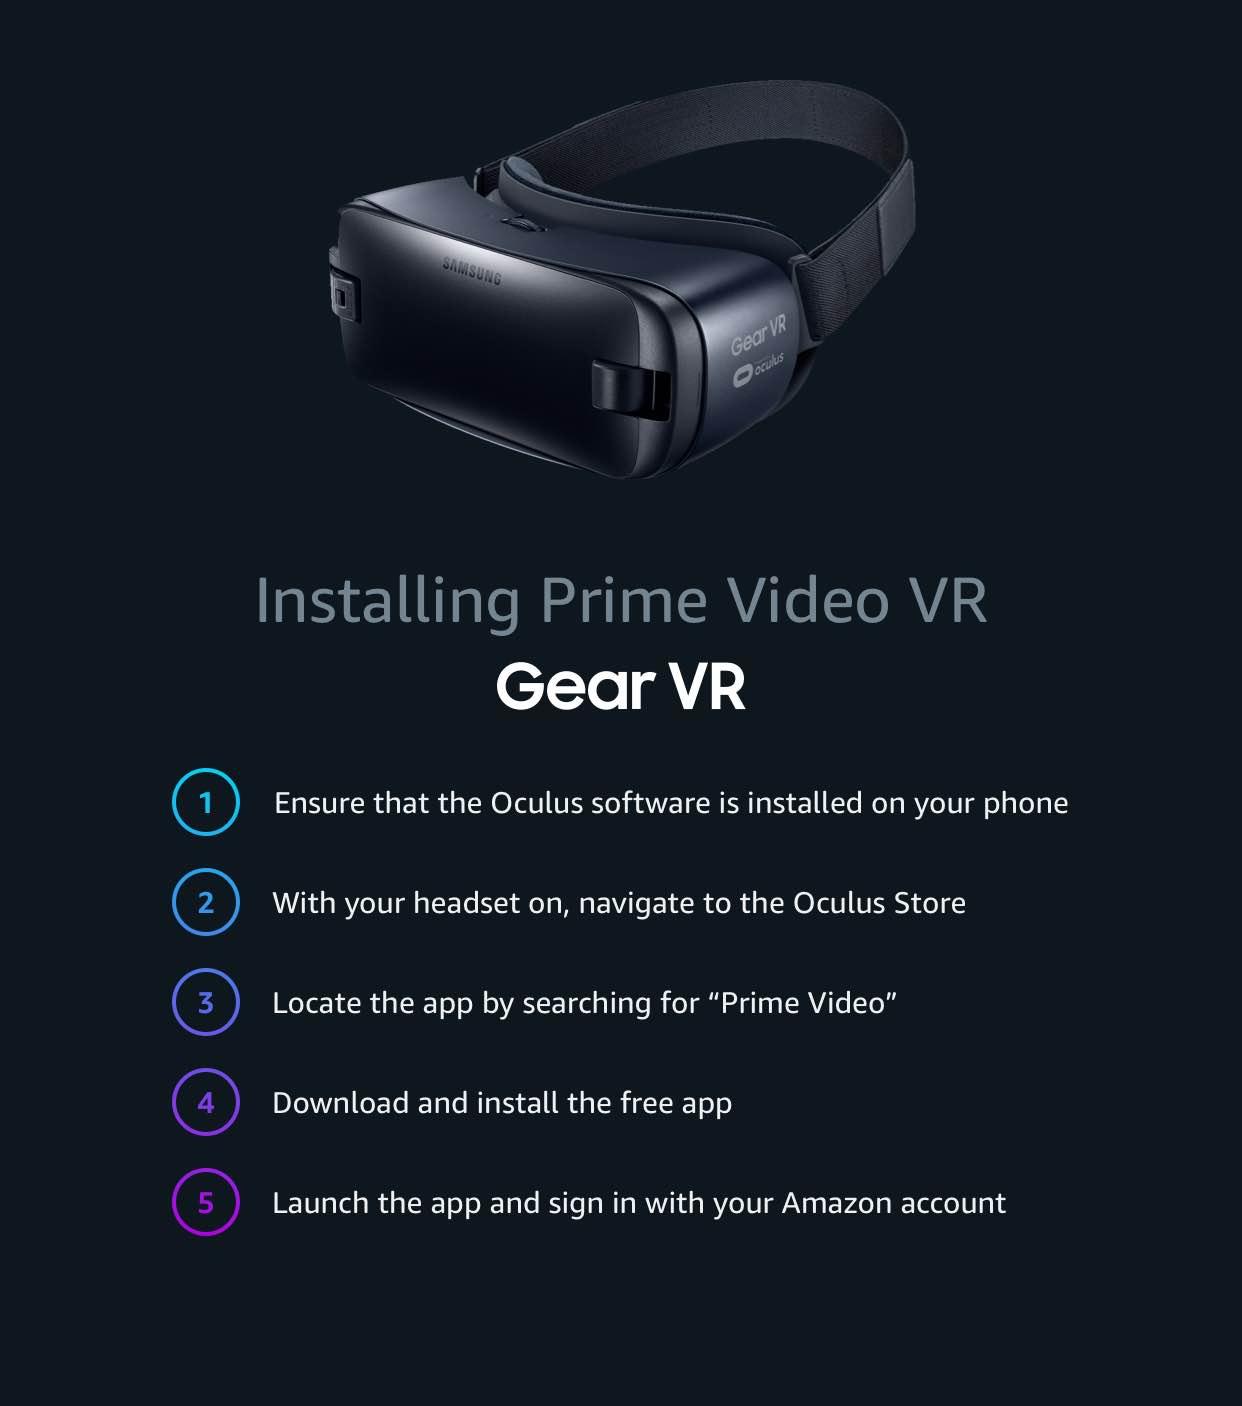 Prime Video VR